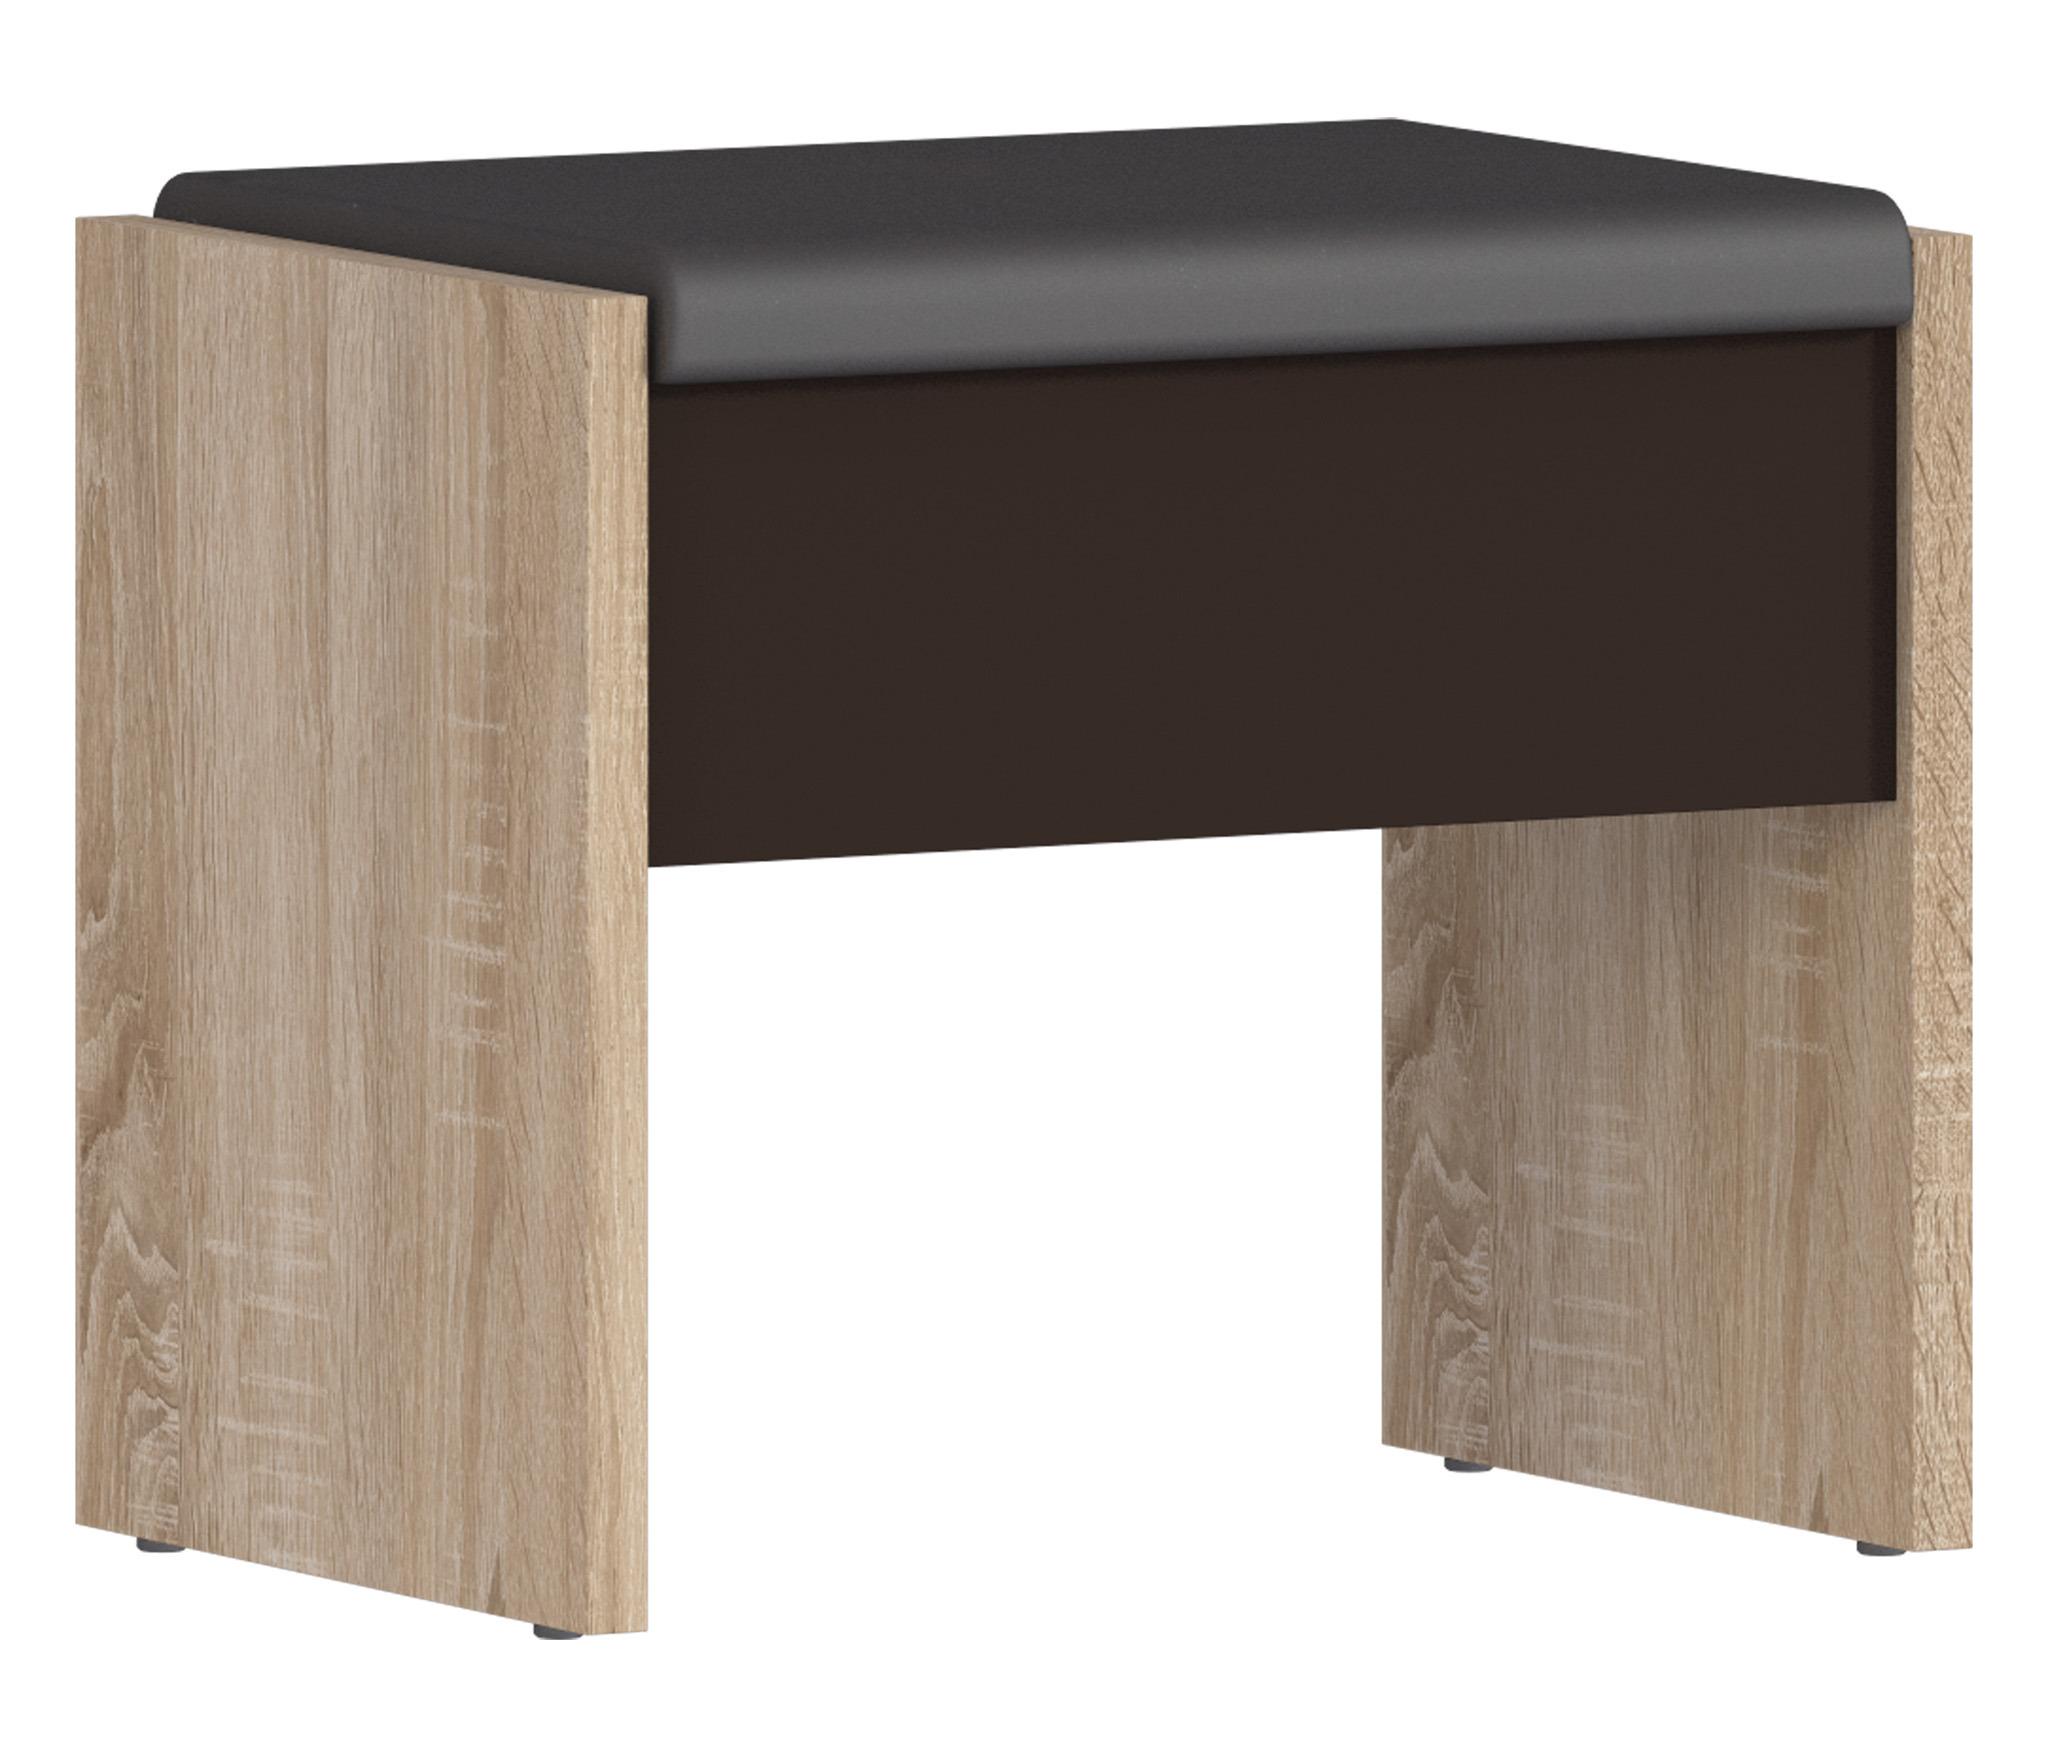 Клео СБ-2019 ПуфикМебель для спальни<br>Пуфик  Клео  выполнен из высококачественных материалов, что позволило сделать его надежным и удобным.<br><br>Длина мм: 500<br>Высота мм: 472<br>Глубина мм: 350